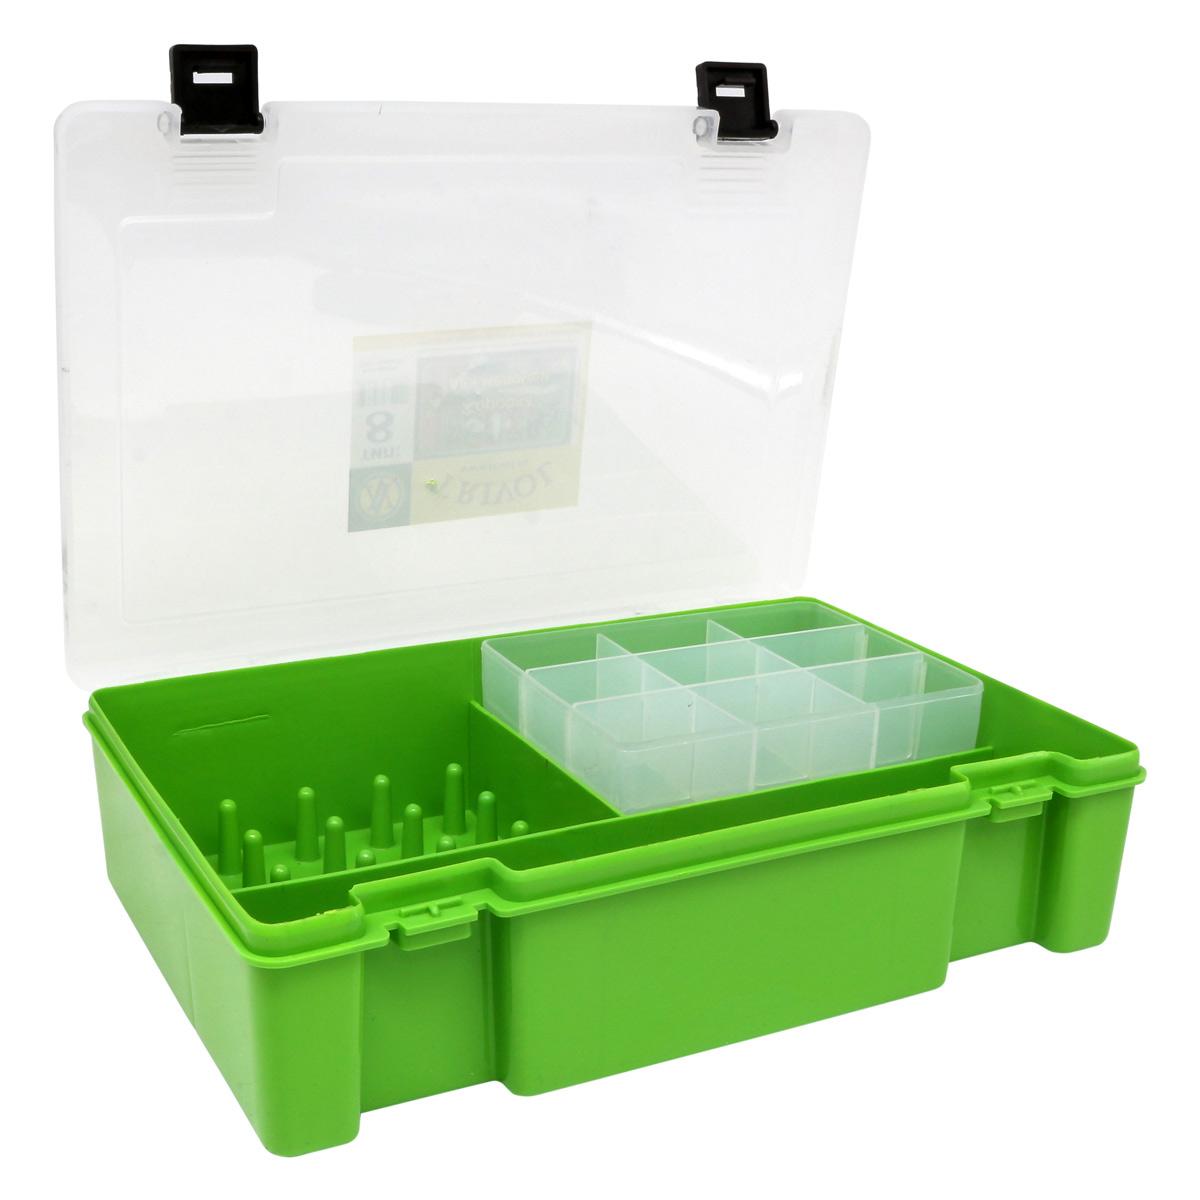 ТИП-8 Коробка с 16 катушкодержателями, вкладыш для мелких предметов и большое отделение для ножниц